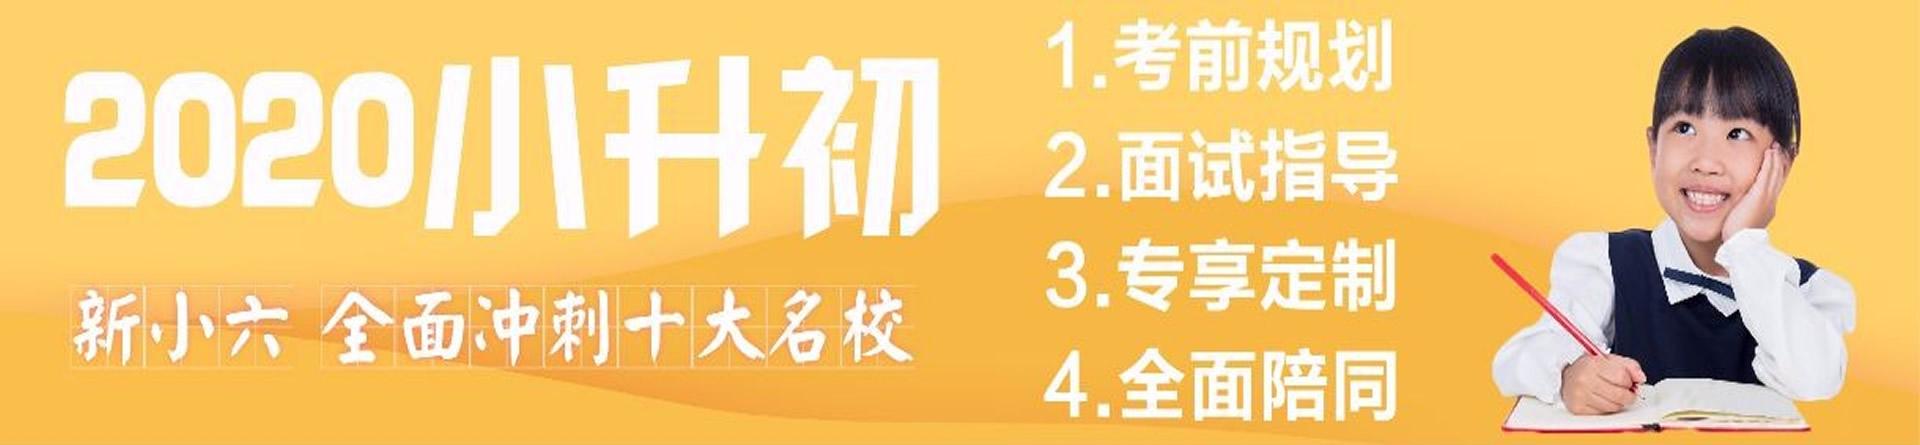 郑州清远教育